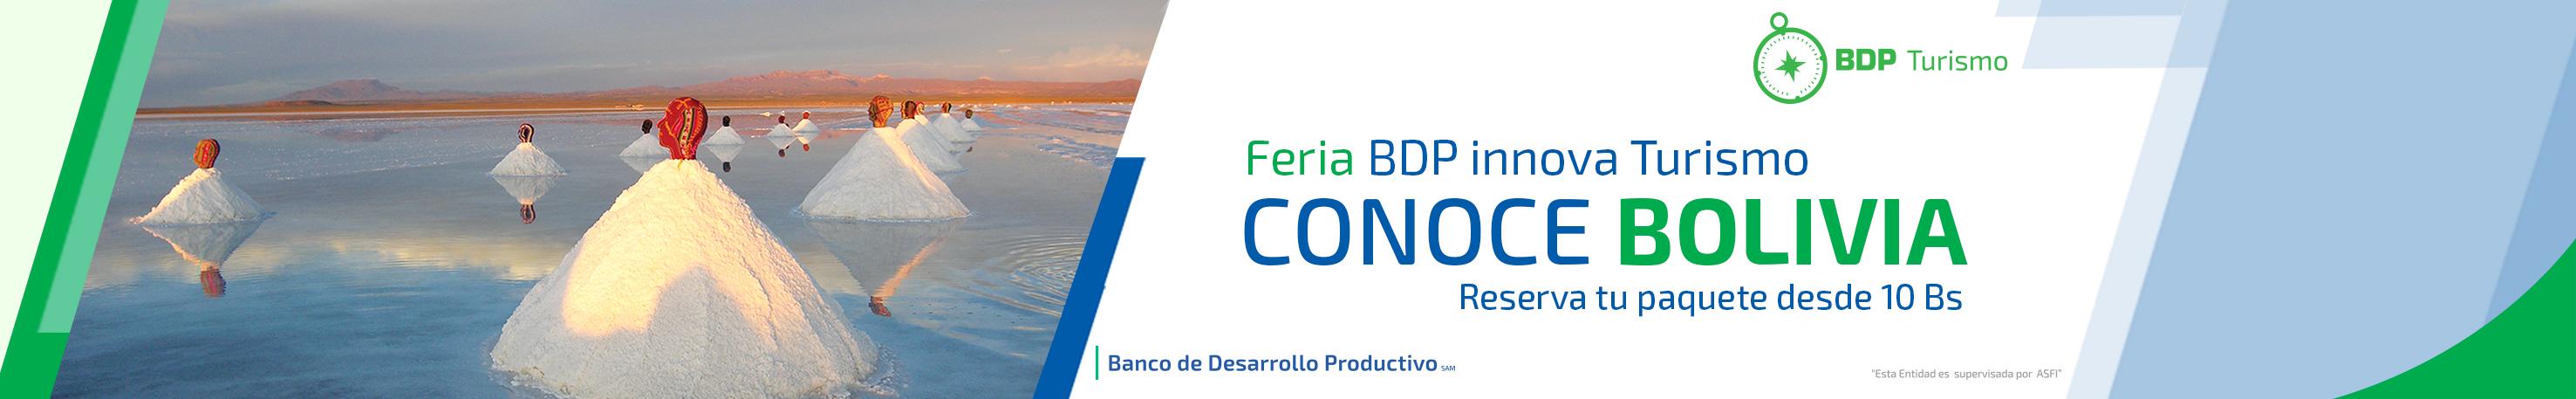 BDP innova turismo